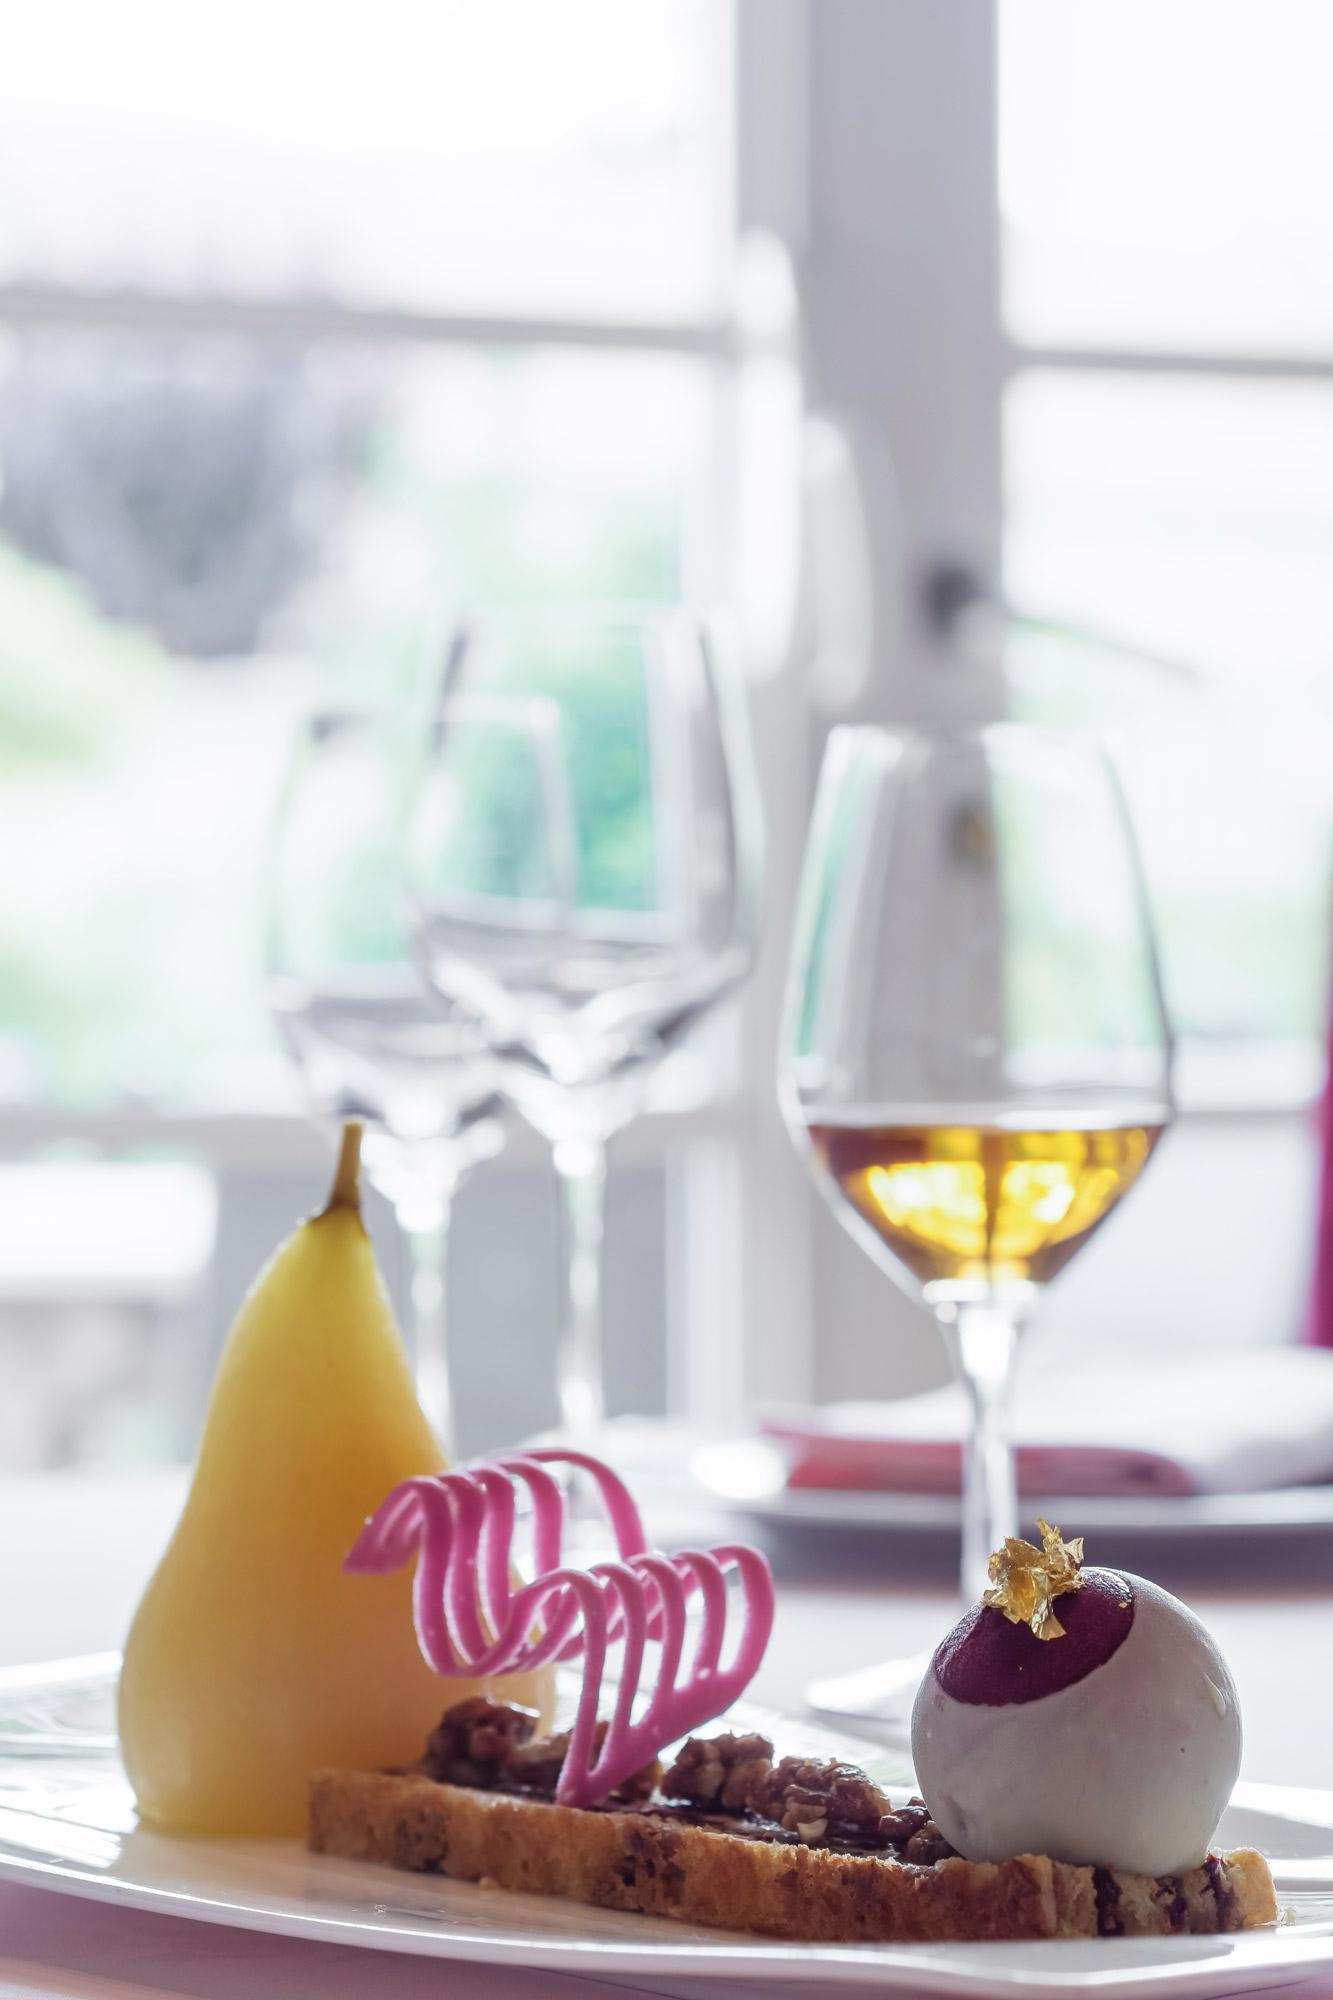 Dessert réalisé dans un restaurant gastronomique à base de poire et de glace accompagné d'un verre de vin blanc.